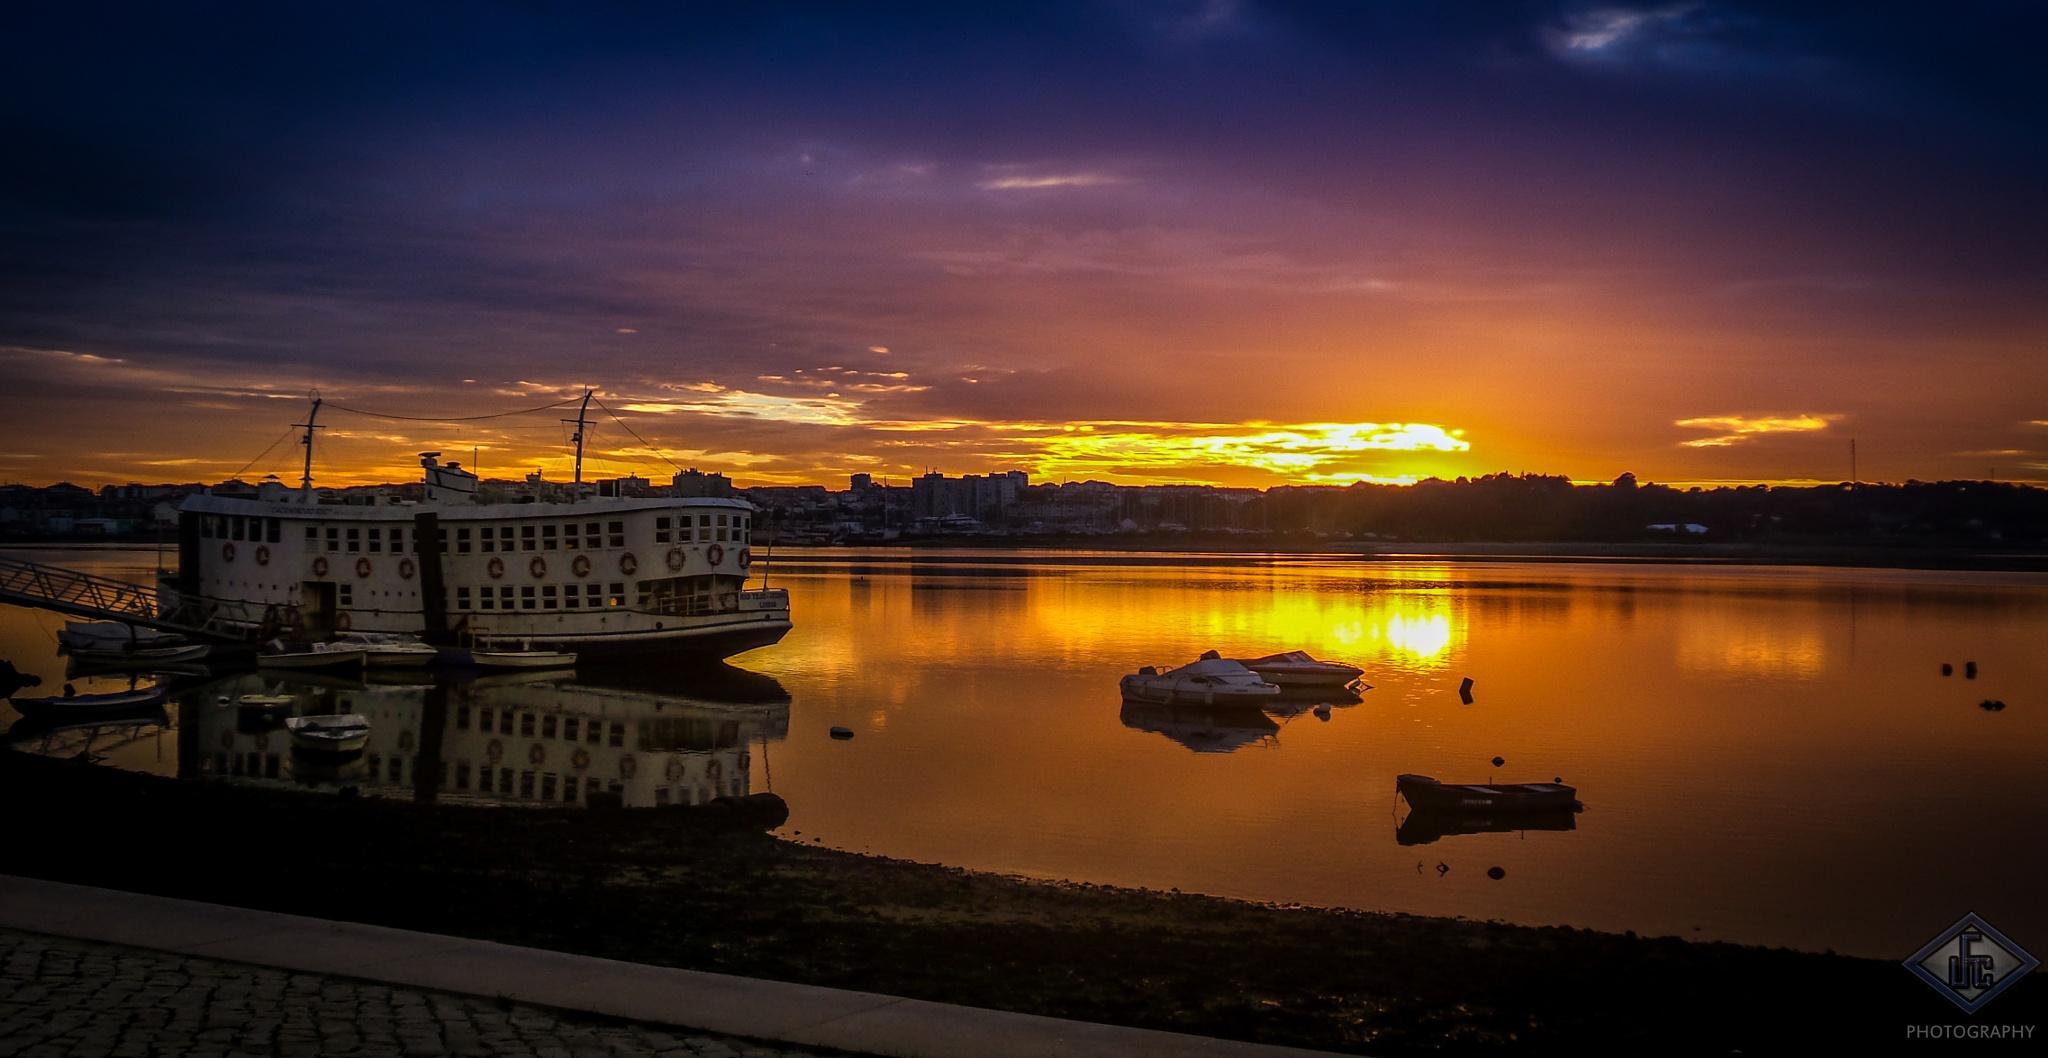 Baía do Seixal by LuisFilipeCorreia